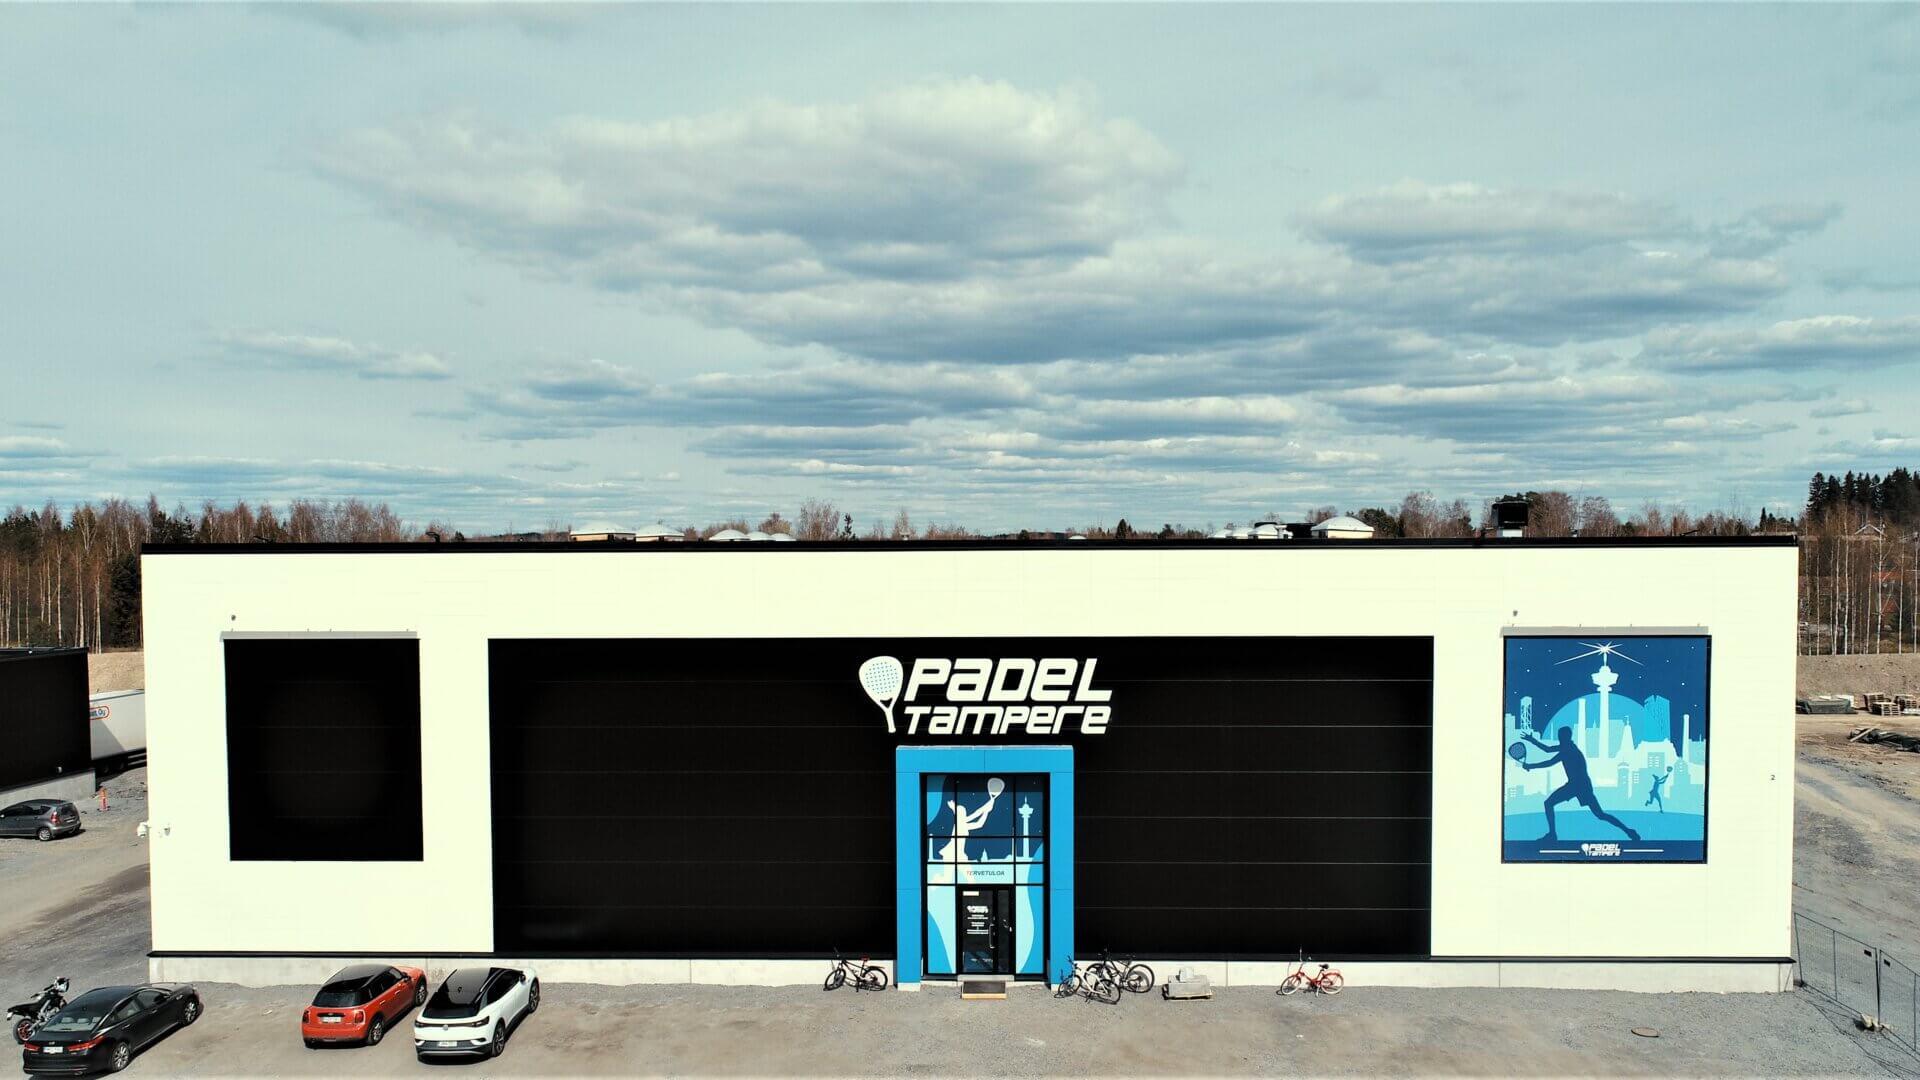 Padelin suosio hakee vertaistaan, Meijou vahvasti mukana kehityksessä kokonaisvaltaisena padel-hallitoimittajana. 1